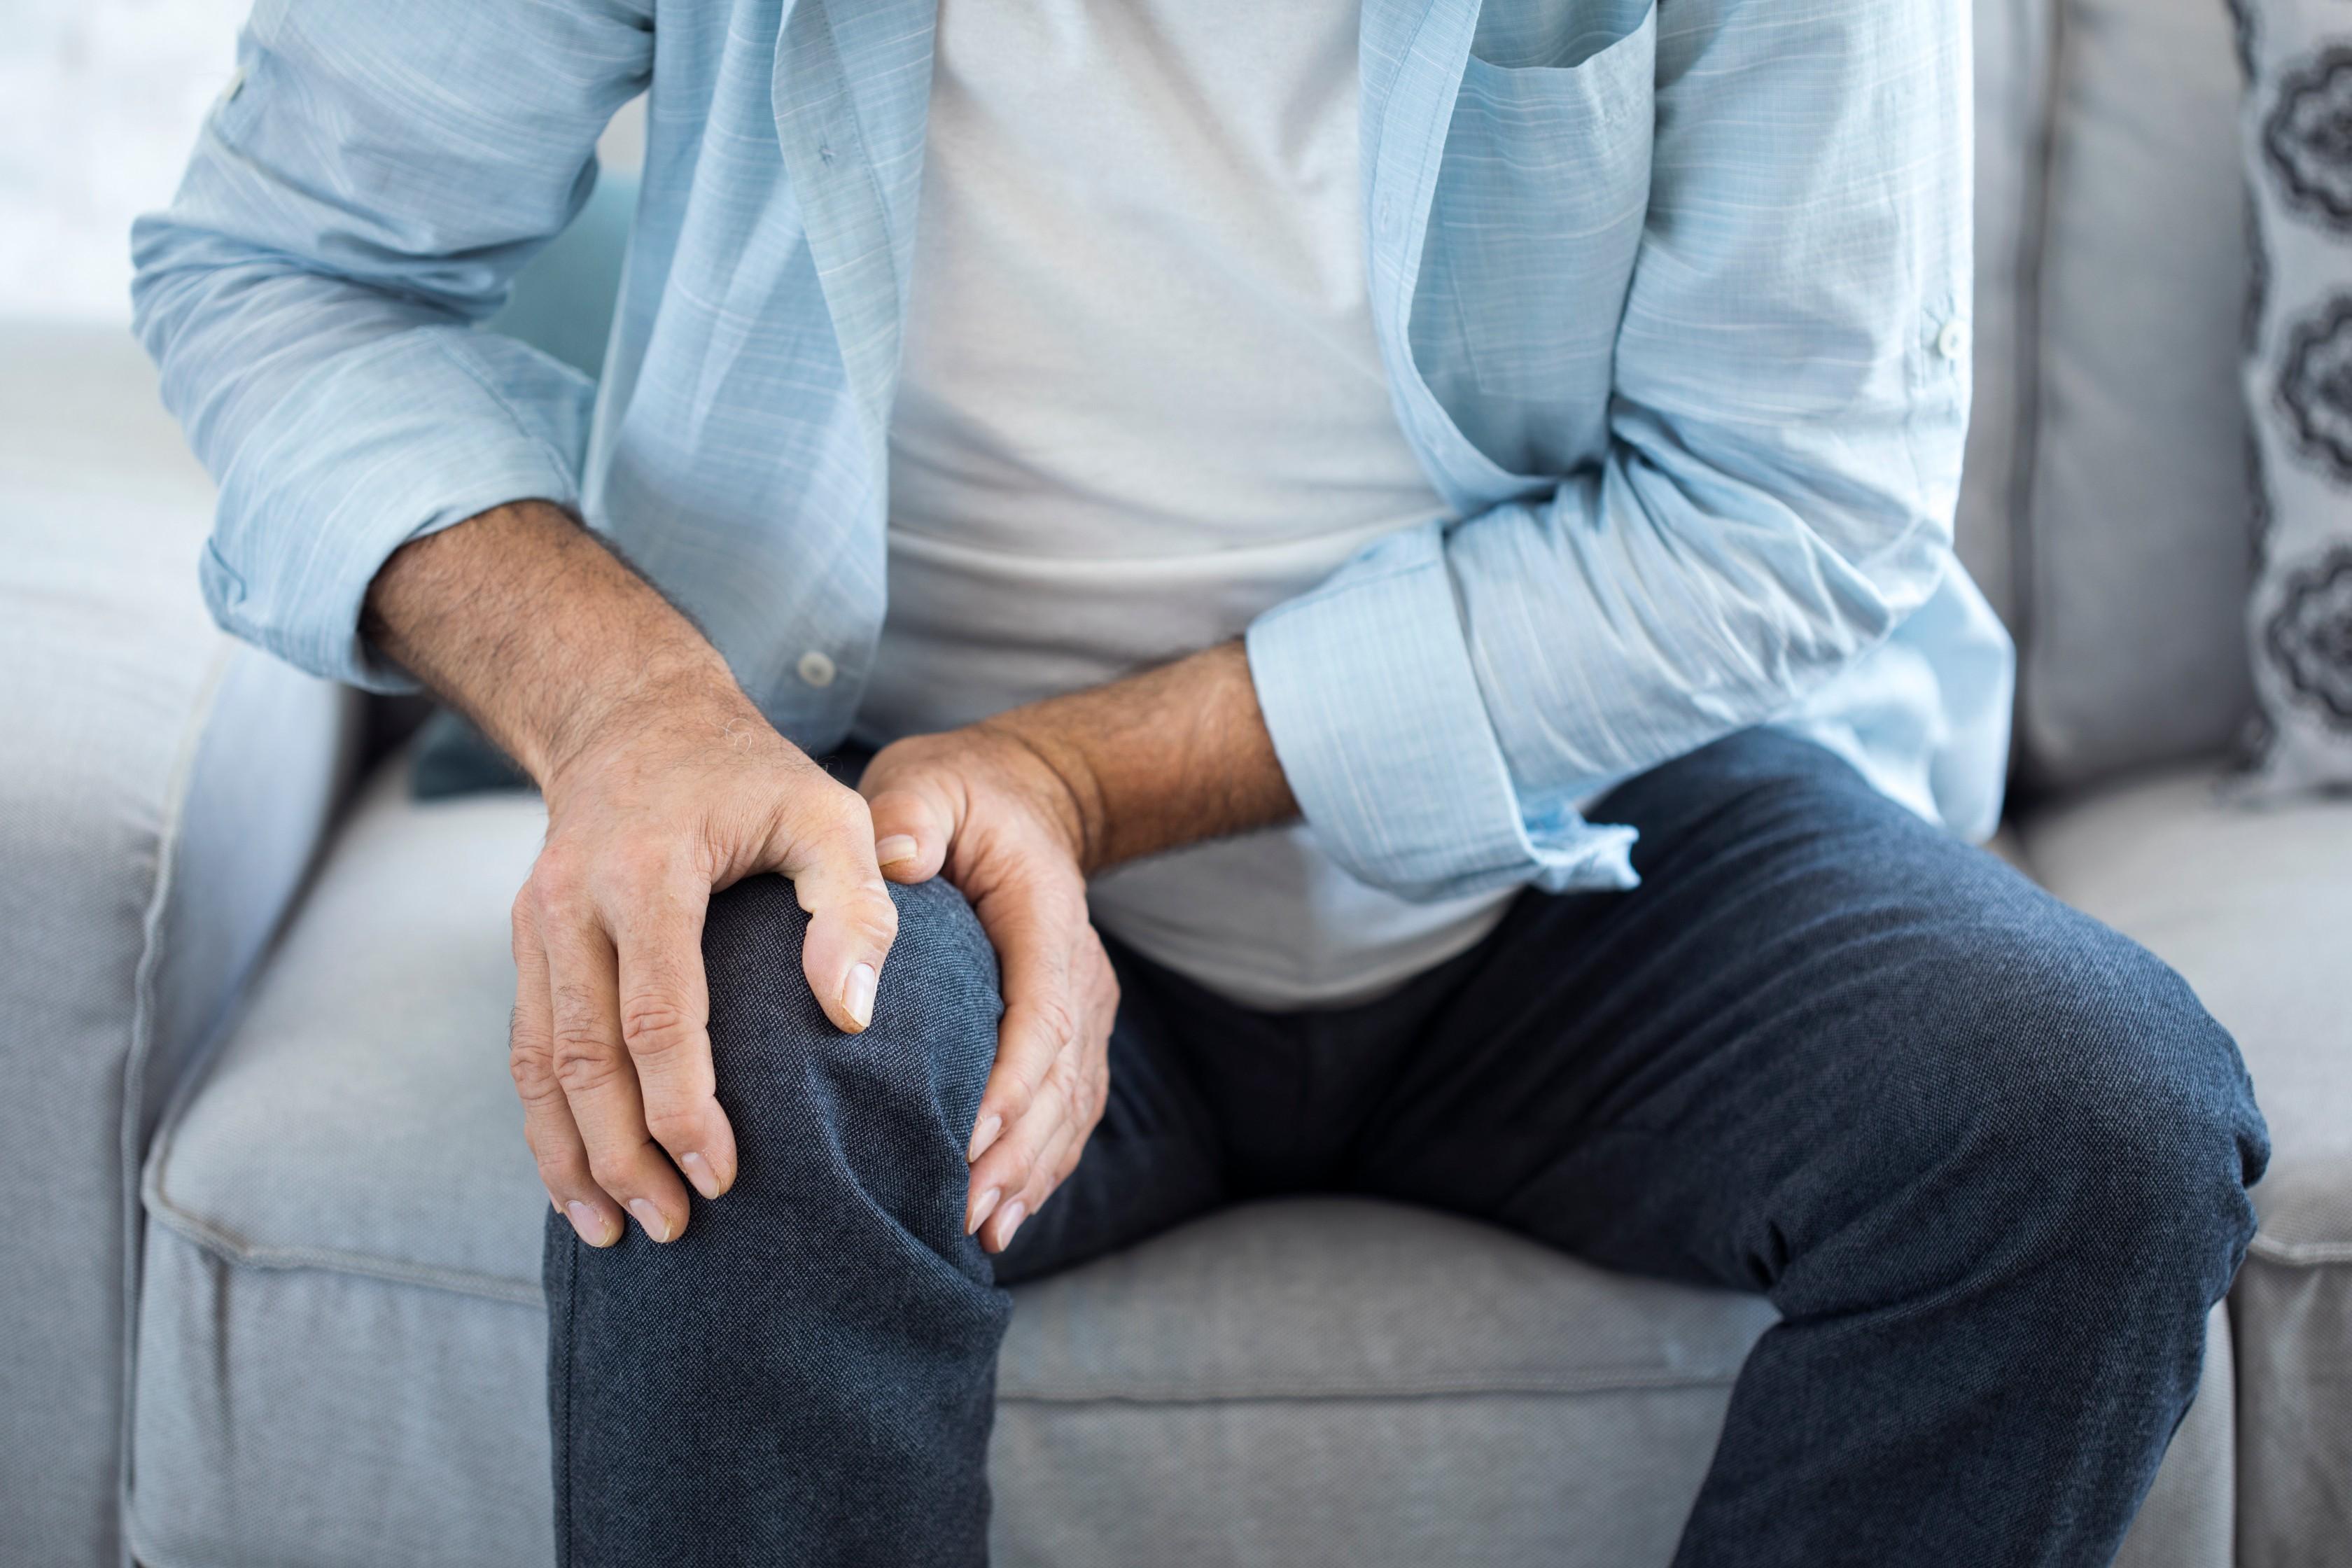 hogyan lehet kezelni a végtagi ízületi gyulladást